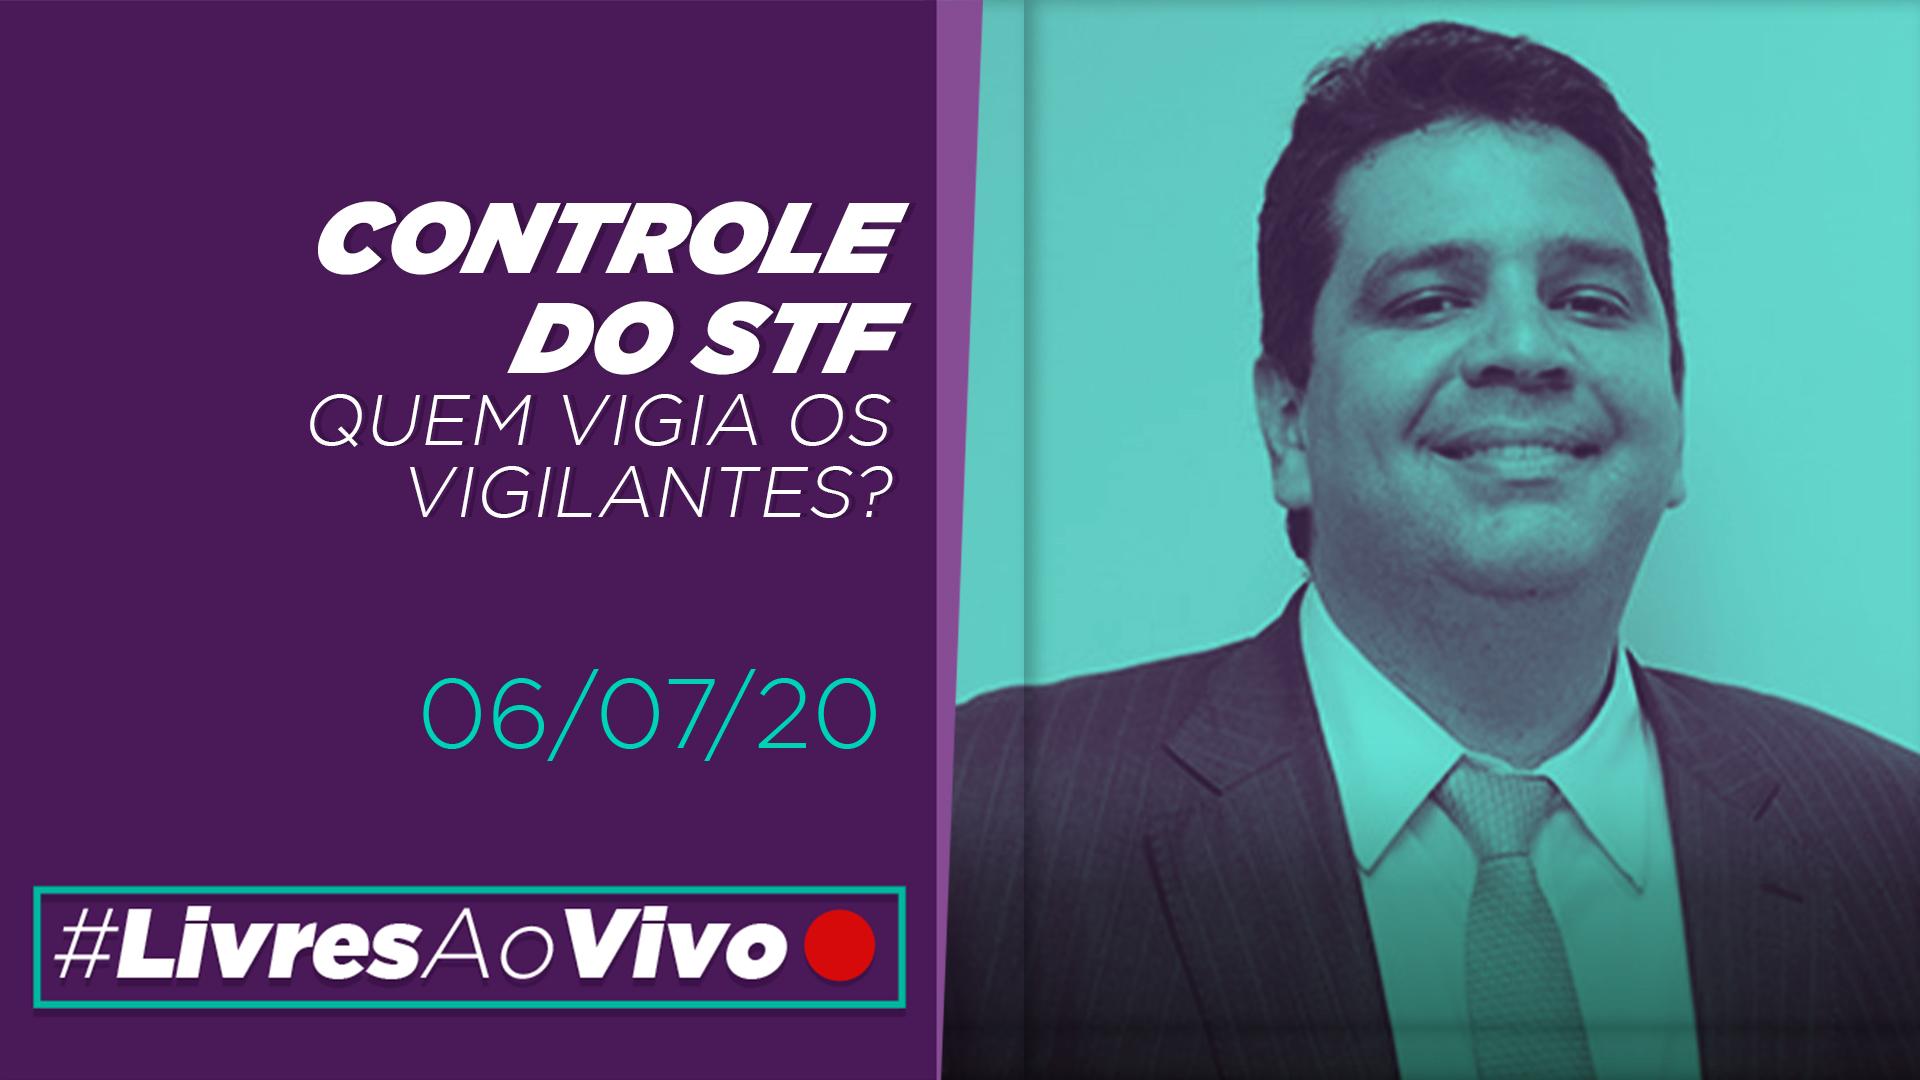 Controle do STF: Quem vigia os vigilantes?